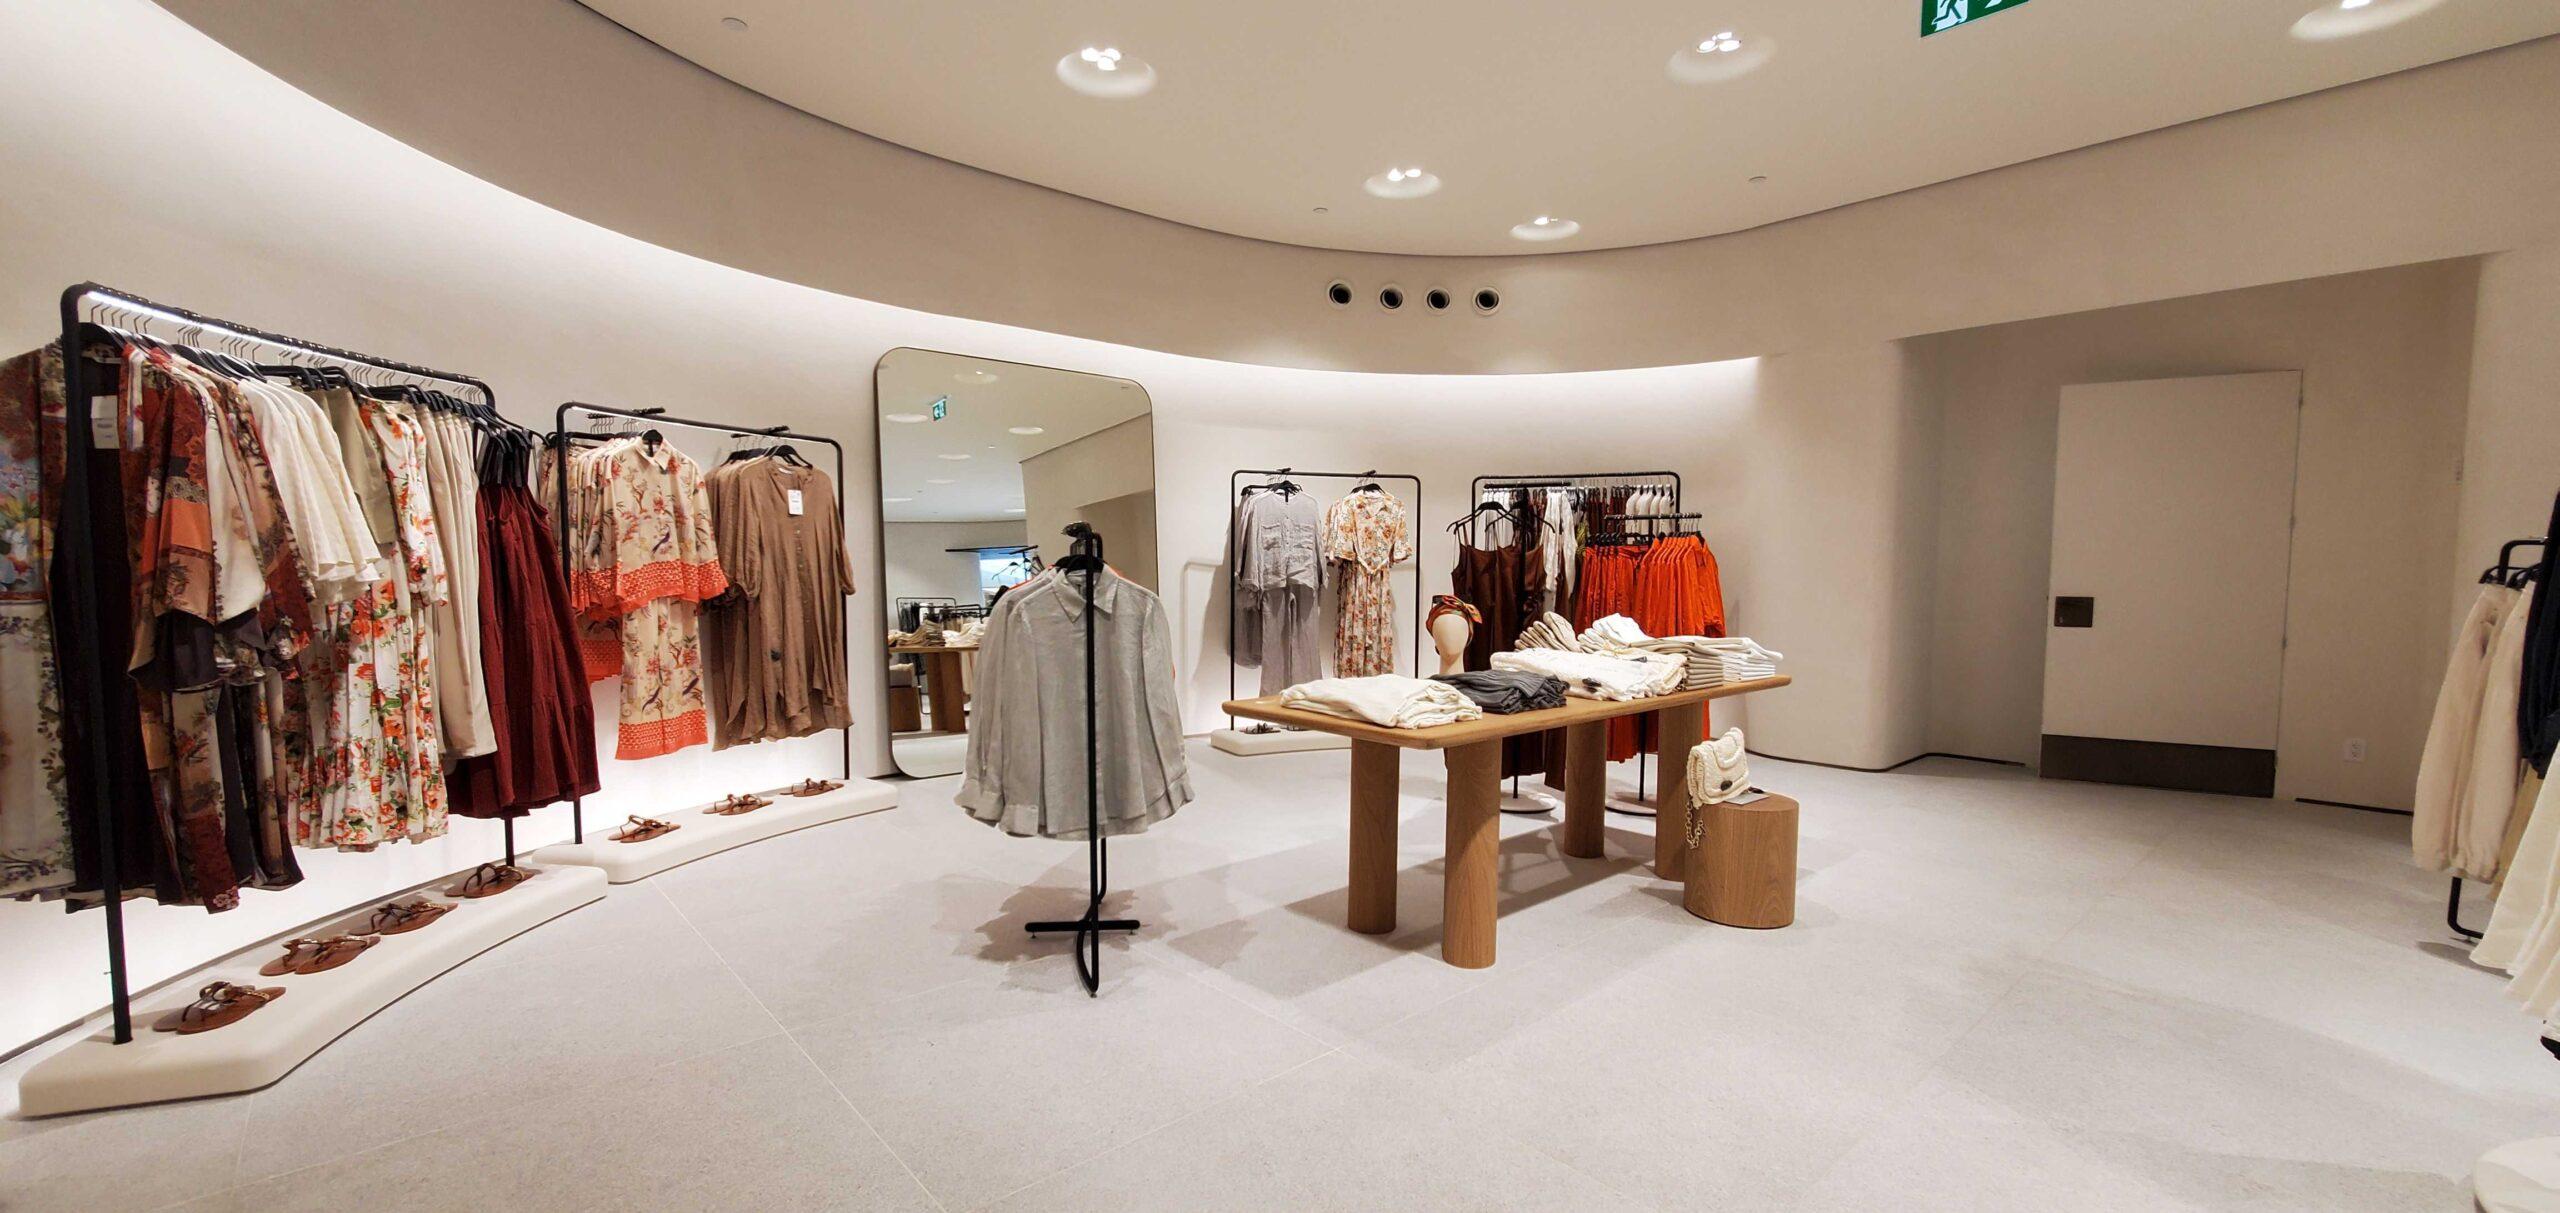 Interior of new Zara on reopening at Metropolis at Metrotown on July 23, 2021